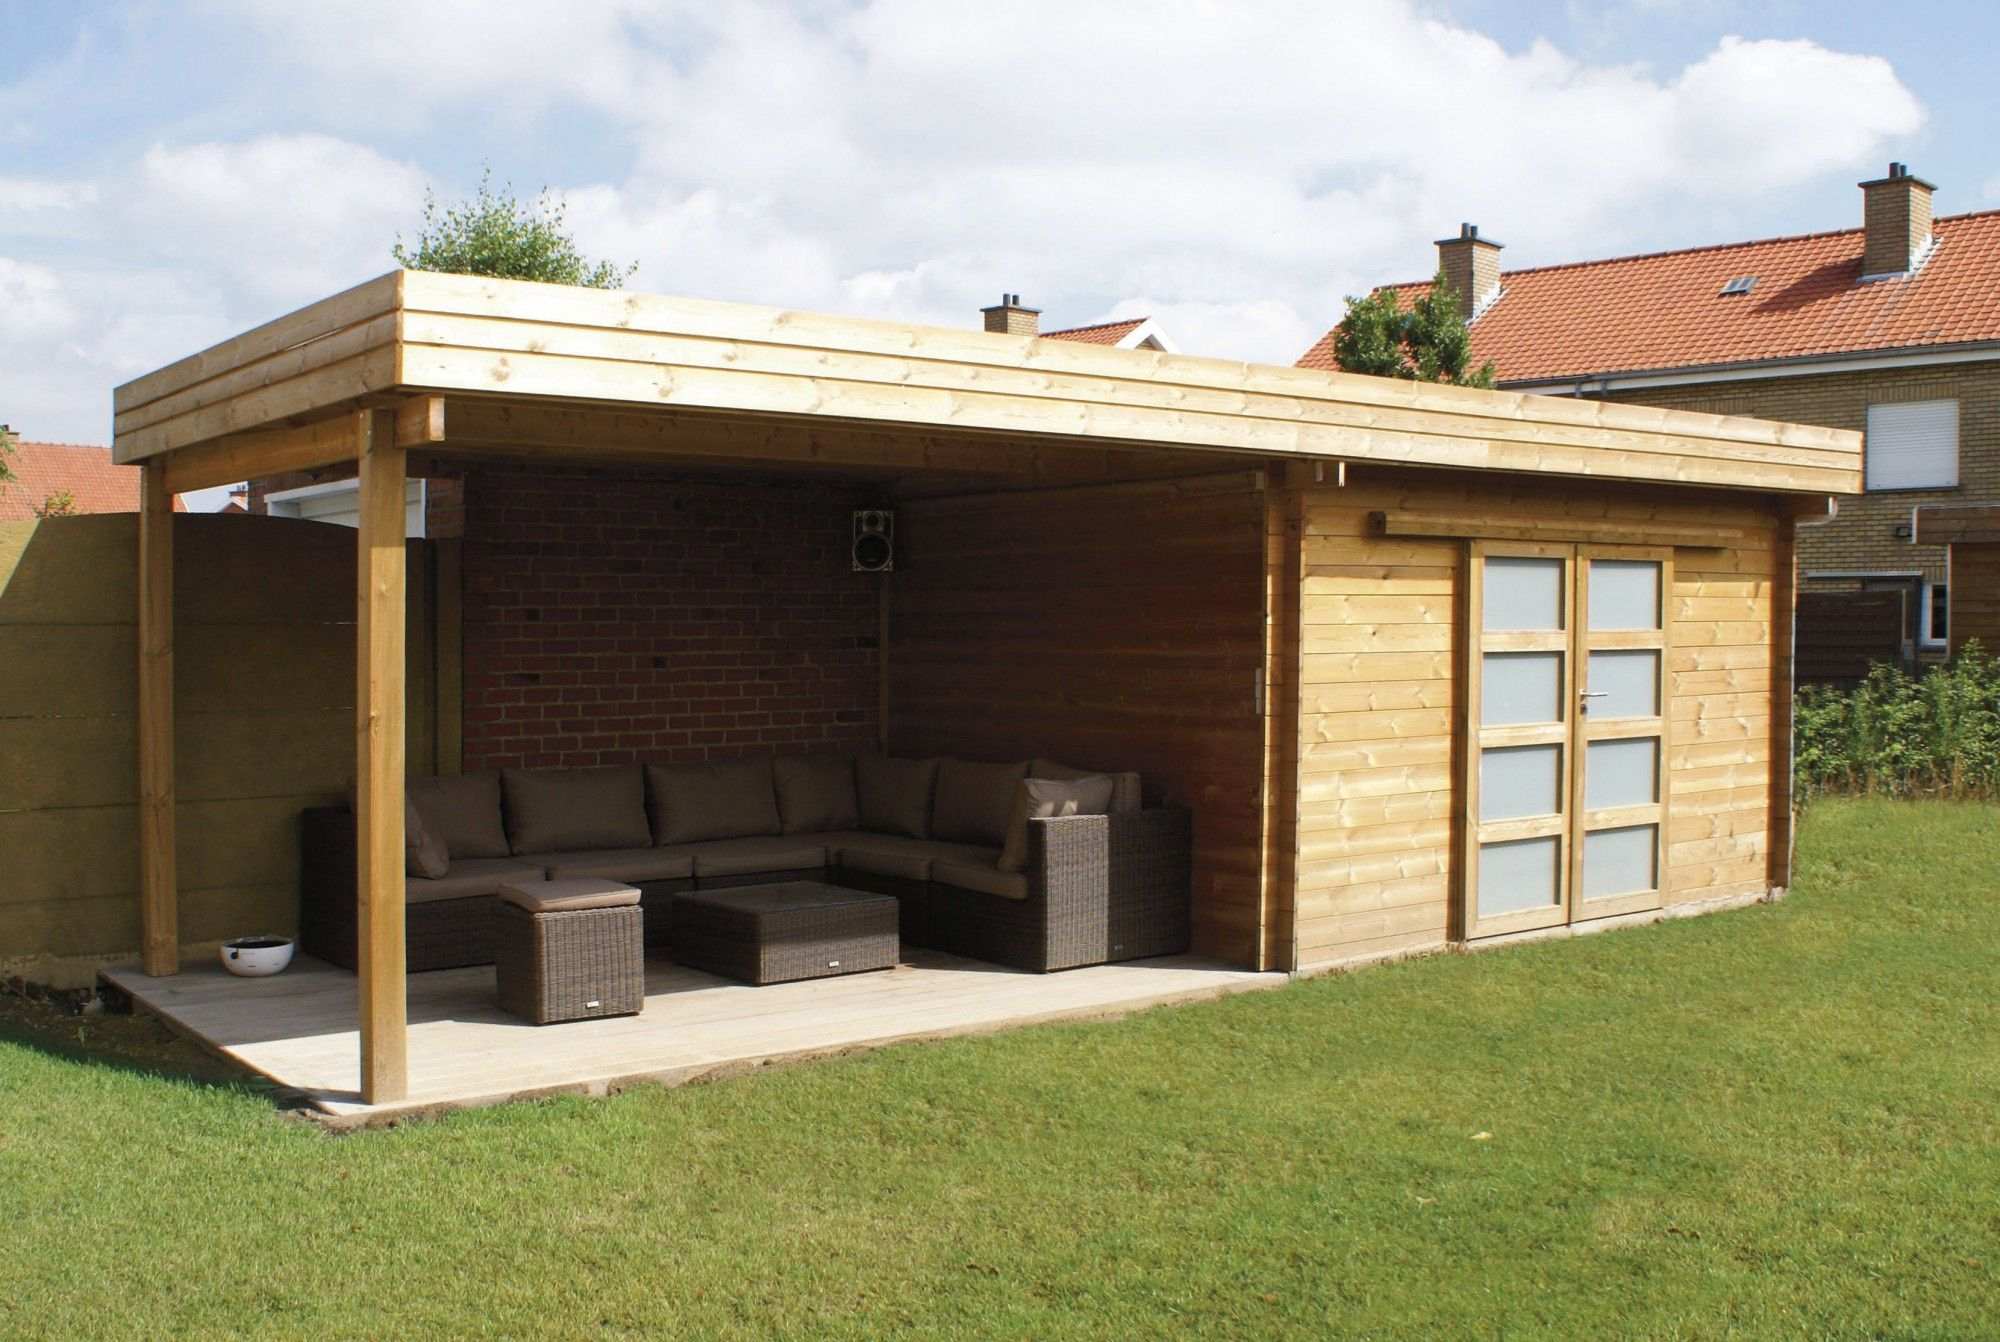 Abri De Jardin Non Clos - Maison Mobilier Et Design | Abri ... concernant Abri Jardin Moderne